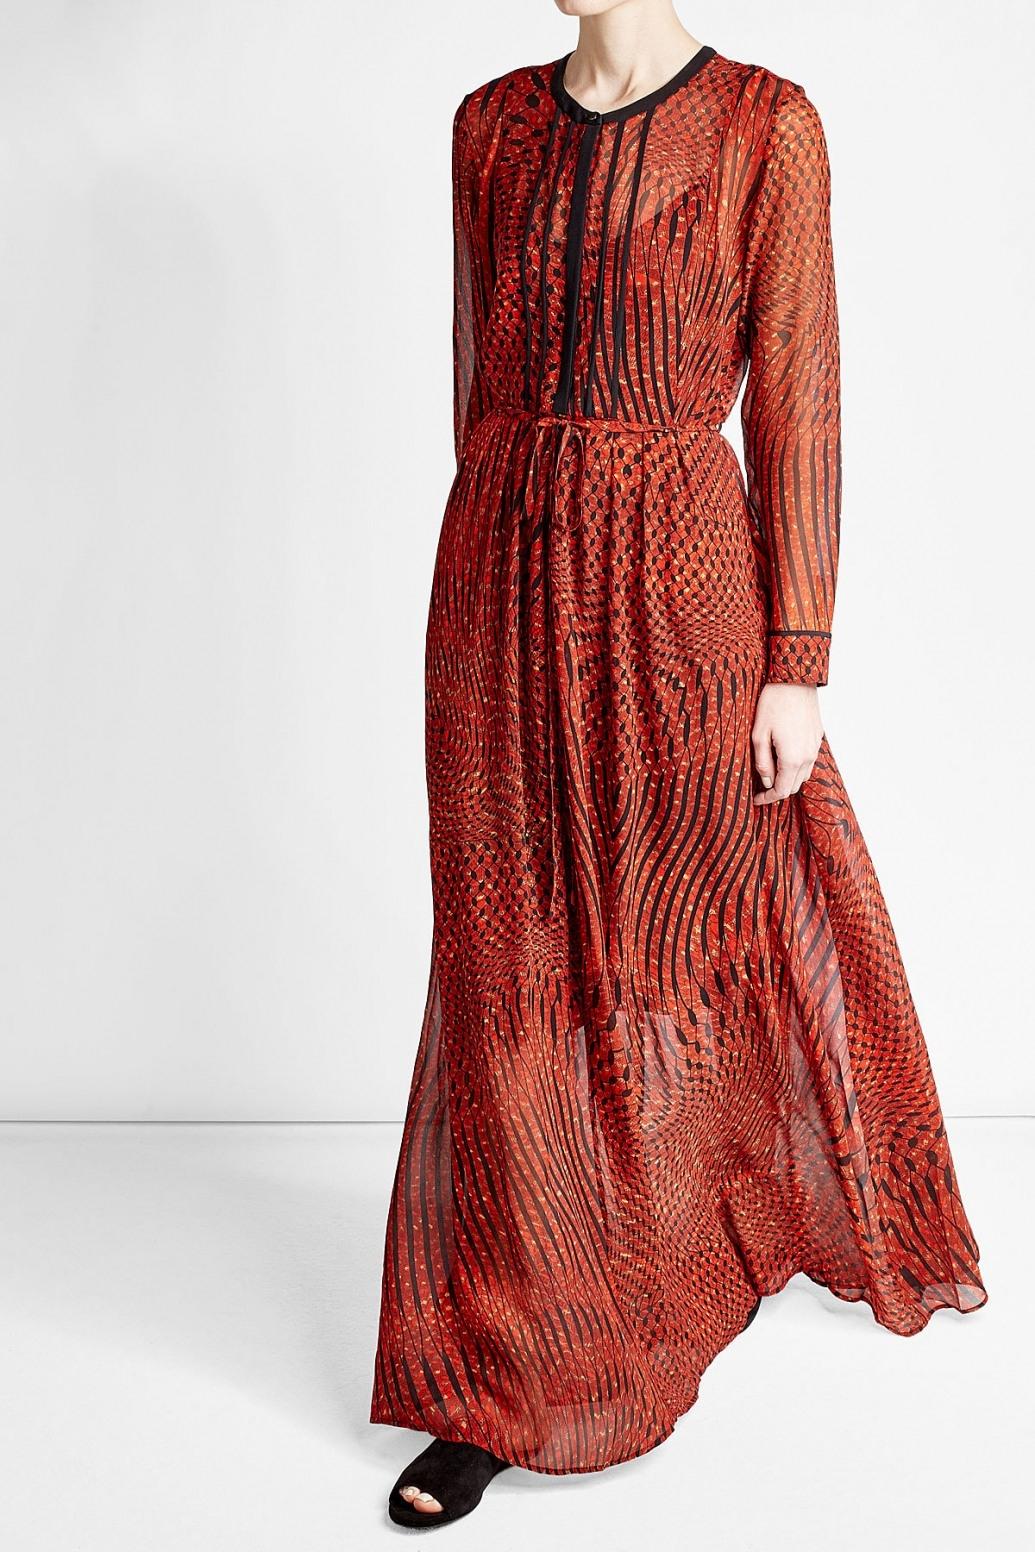 Abend Luxus Schöne Kleider Online Vertrieb15 Genial Schöne Kleider Online Bester Preis